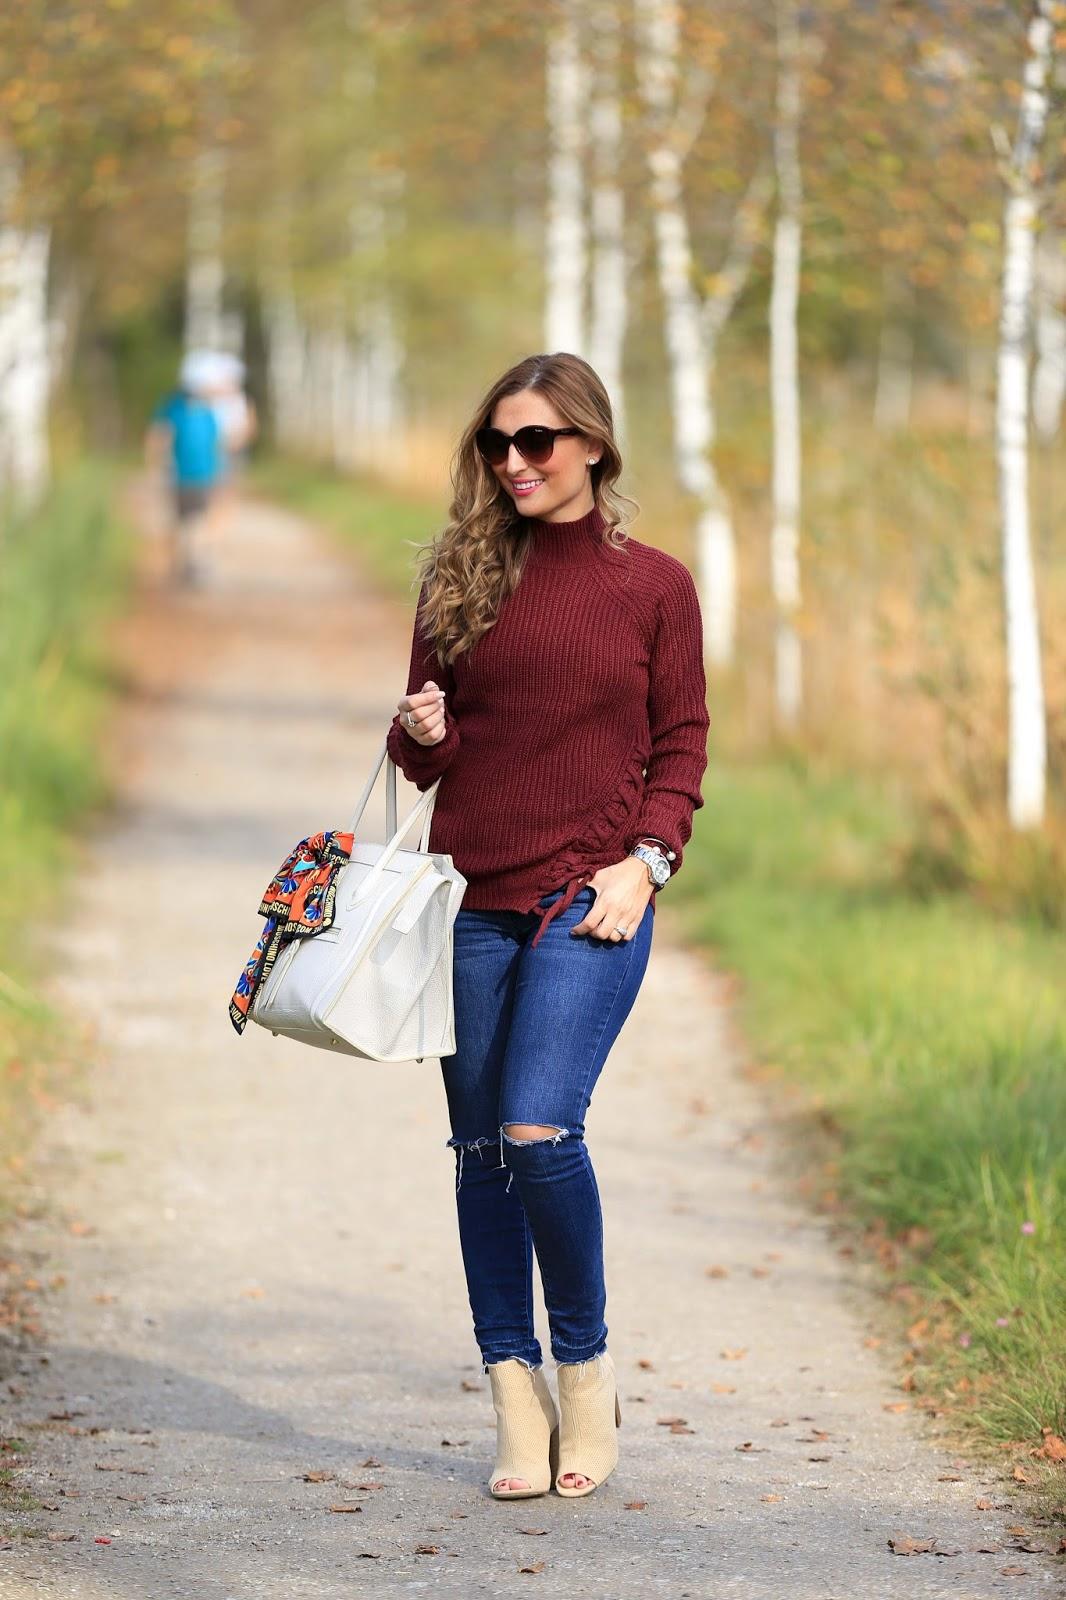 Herbstlook - Blogger Herbstlook - Musthaves im Herbst - Bordeaux - Beige- Pulloiver in Bordeaux - Bordeaux Bloggerpulli - Was ziehe ich im Herbst an- Fashionstylebyjohanna- Fashionblogger aus Deutschland - Blogger aus Frankfurt